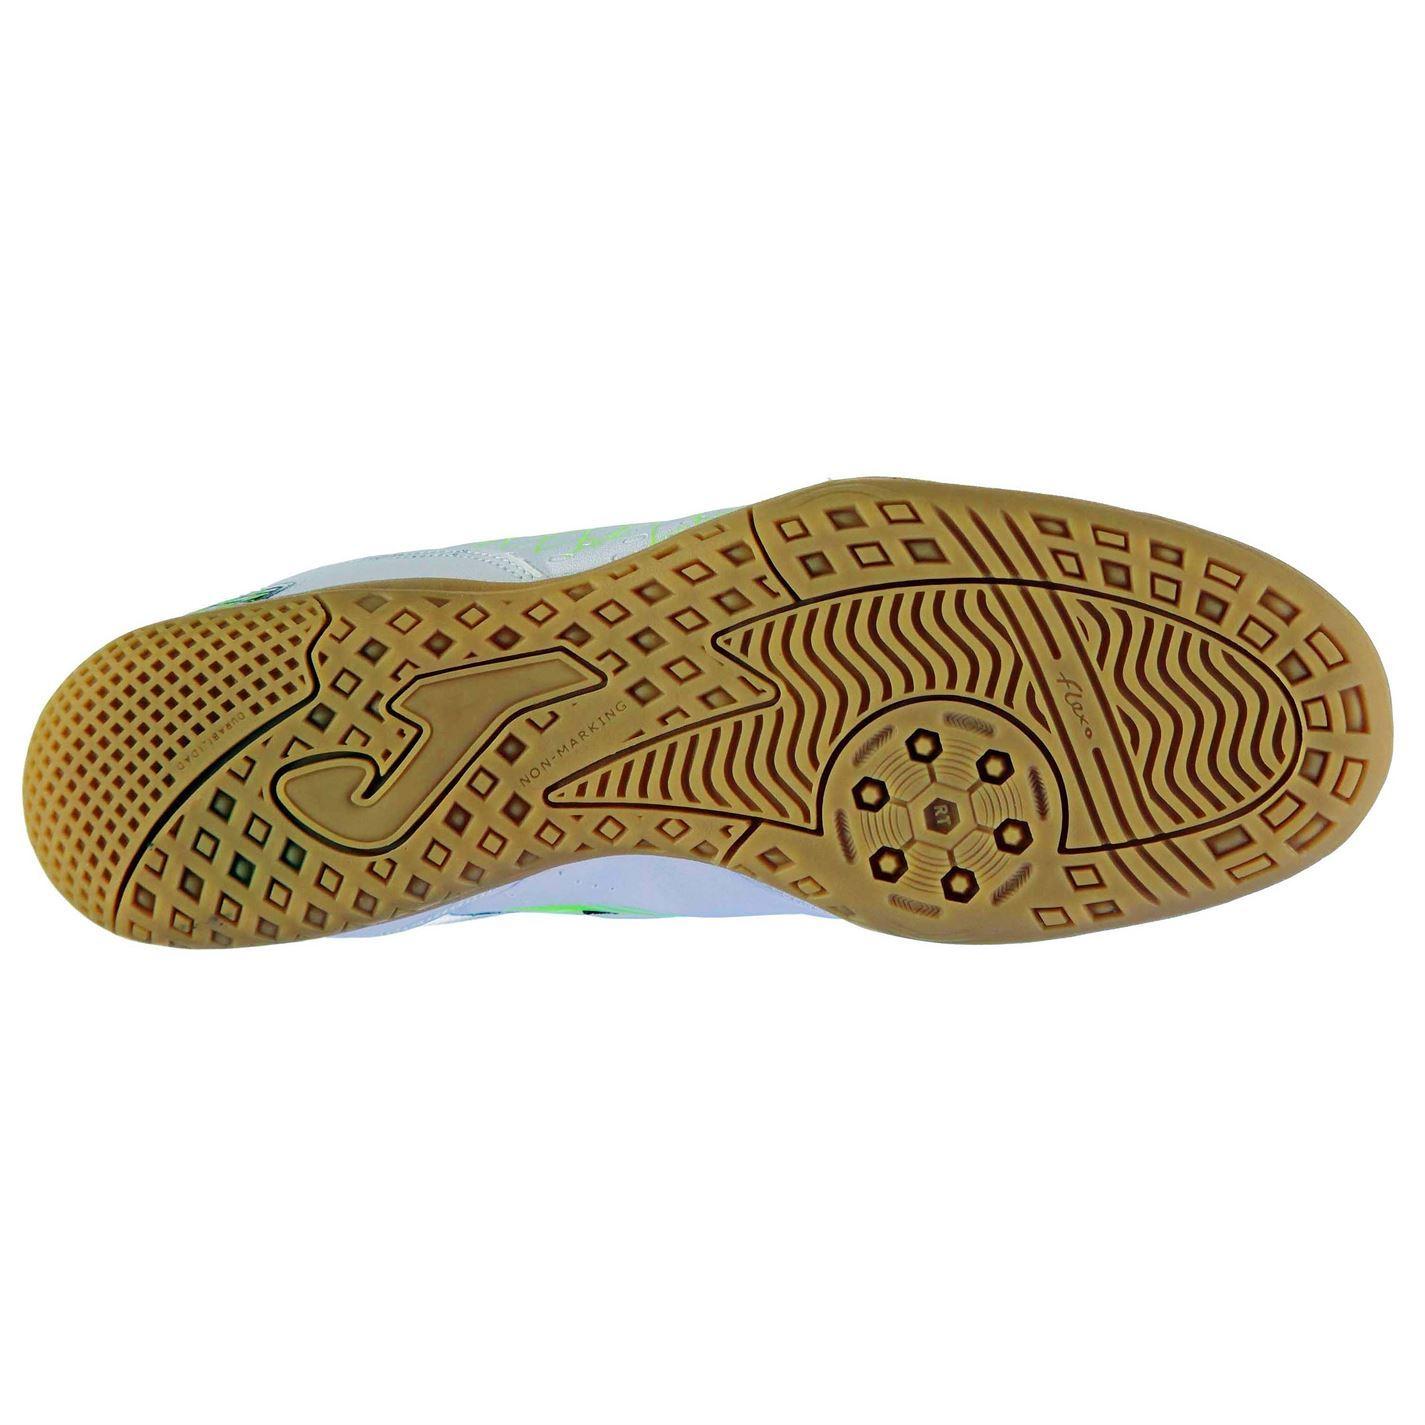 Joma para grn deporte interiores Fútbol Wht de Fútbol Fusbal Maxima Zapatos Zapatillas Zapatillas rxqnZrT